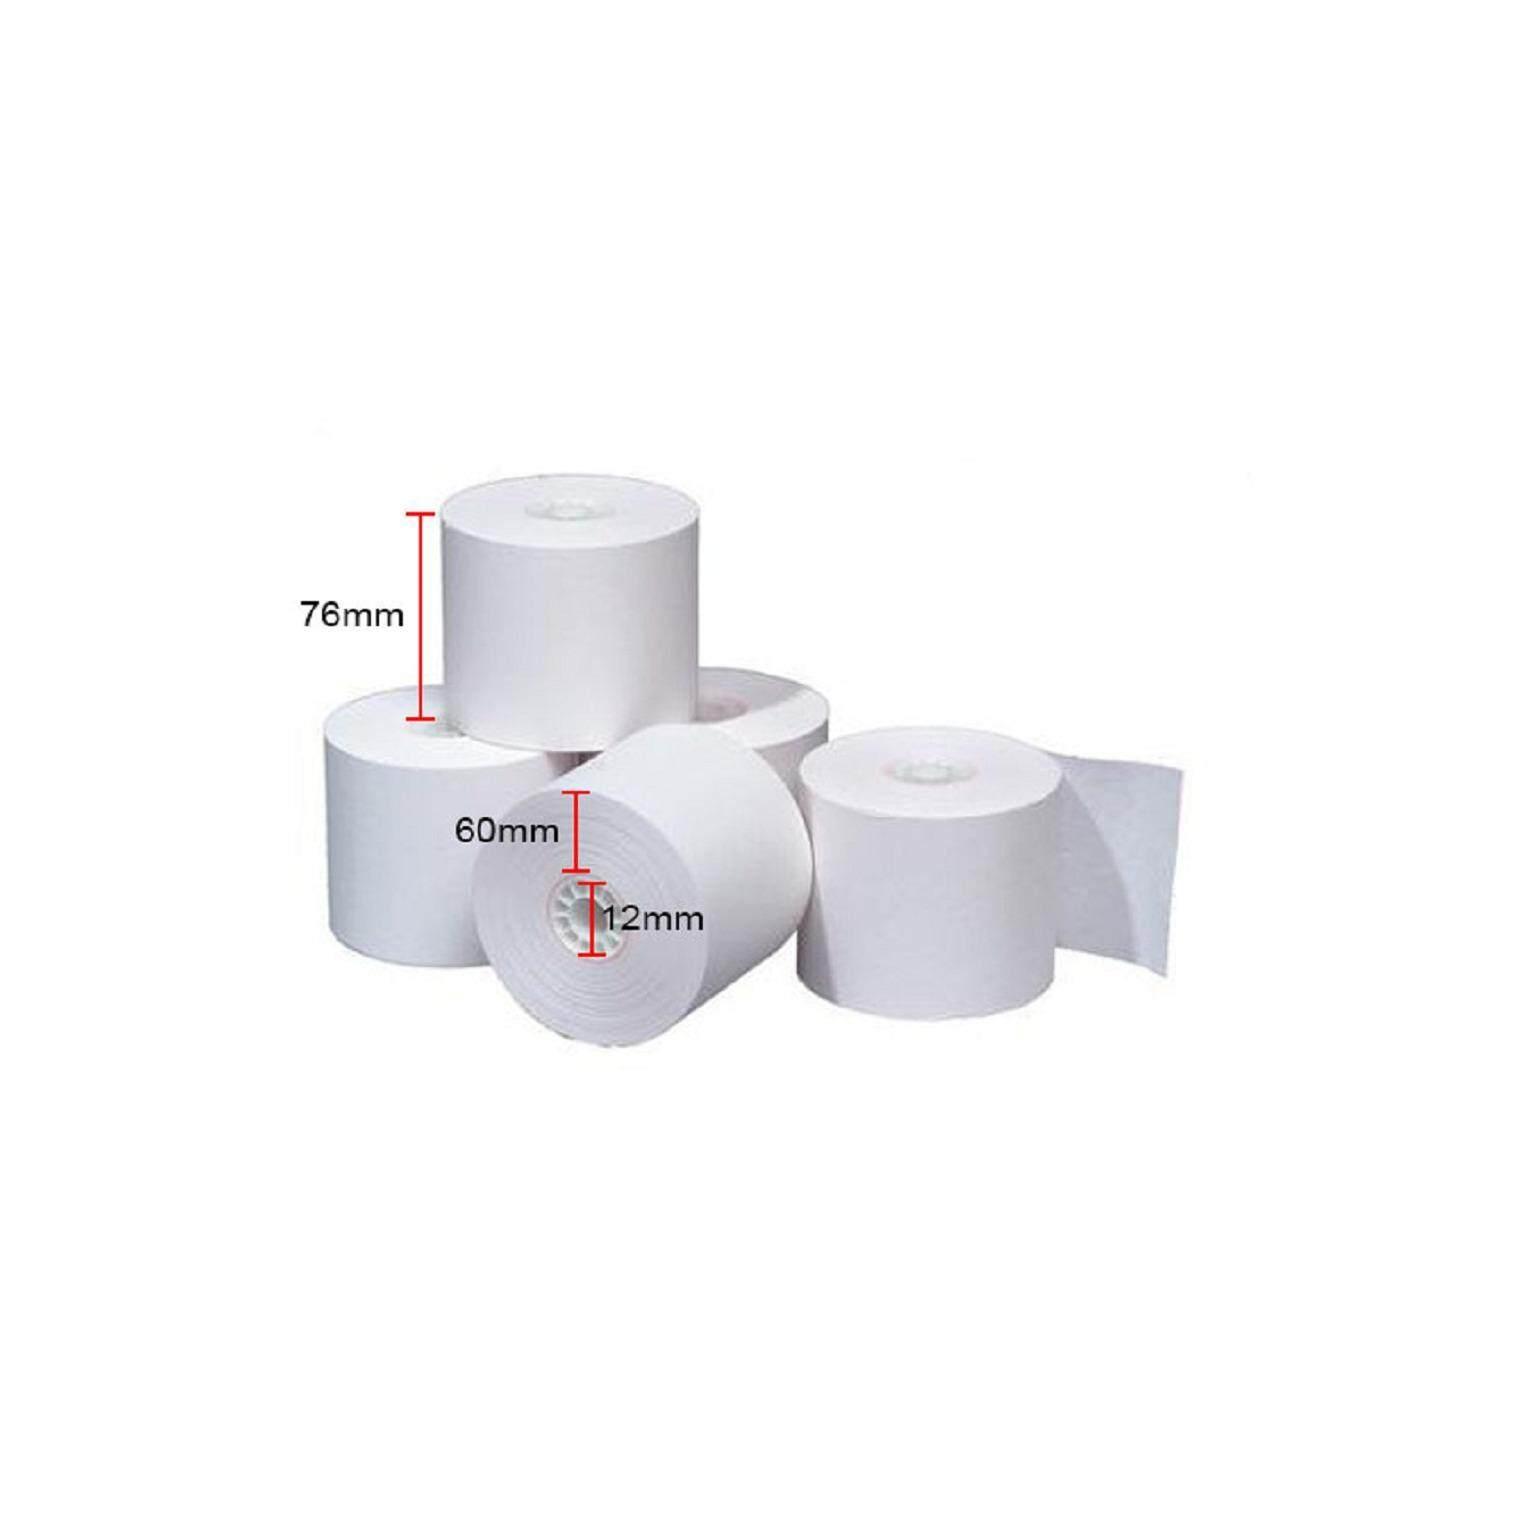 Paper Roll 76mm x 60mm x 12mm (20rolls)